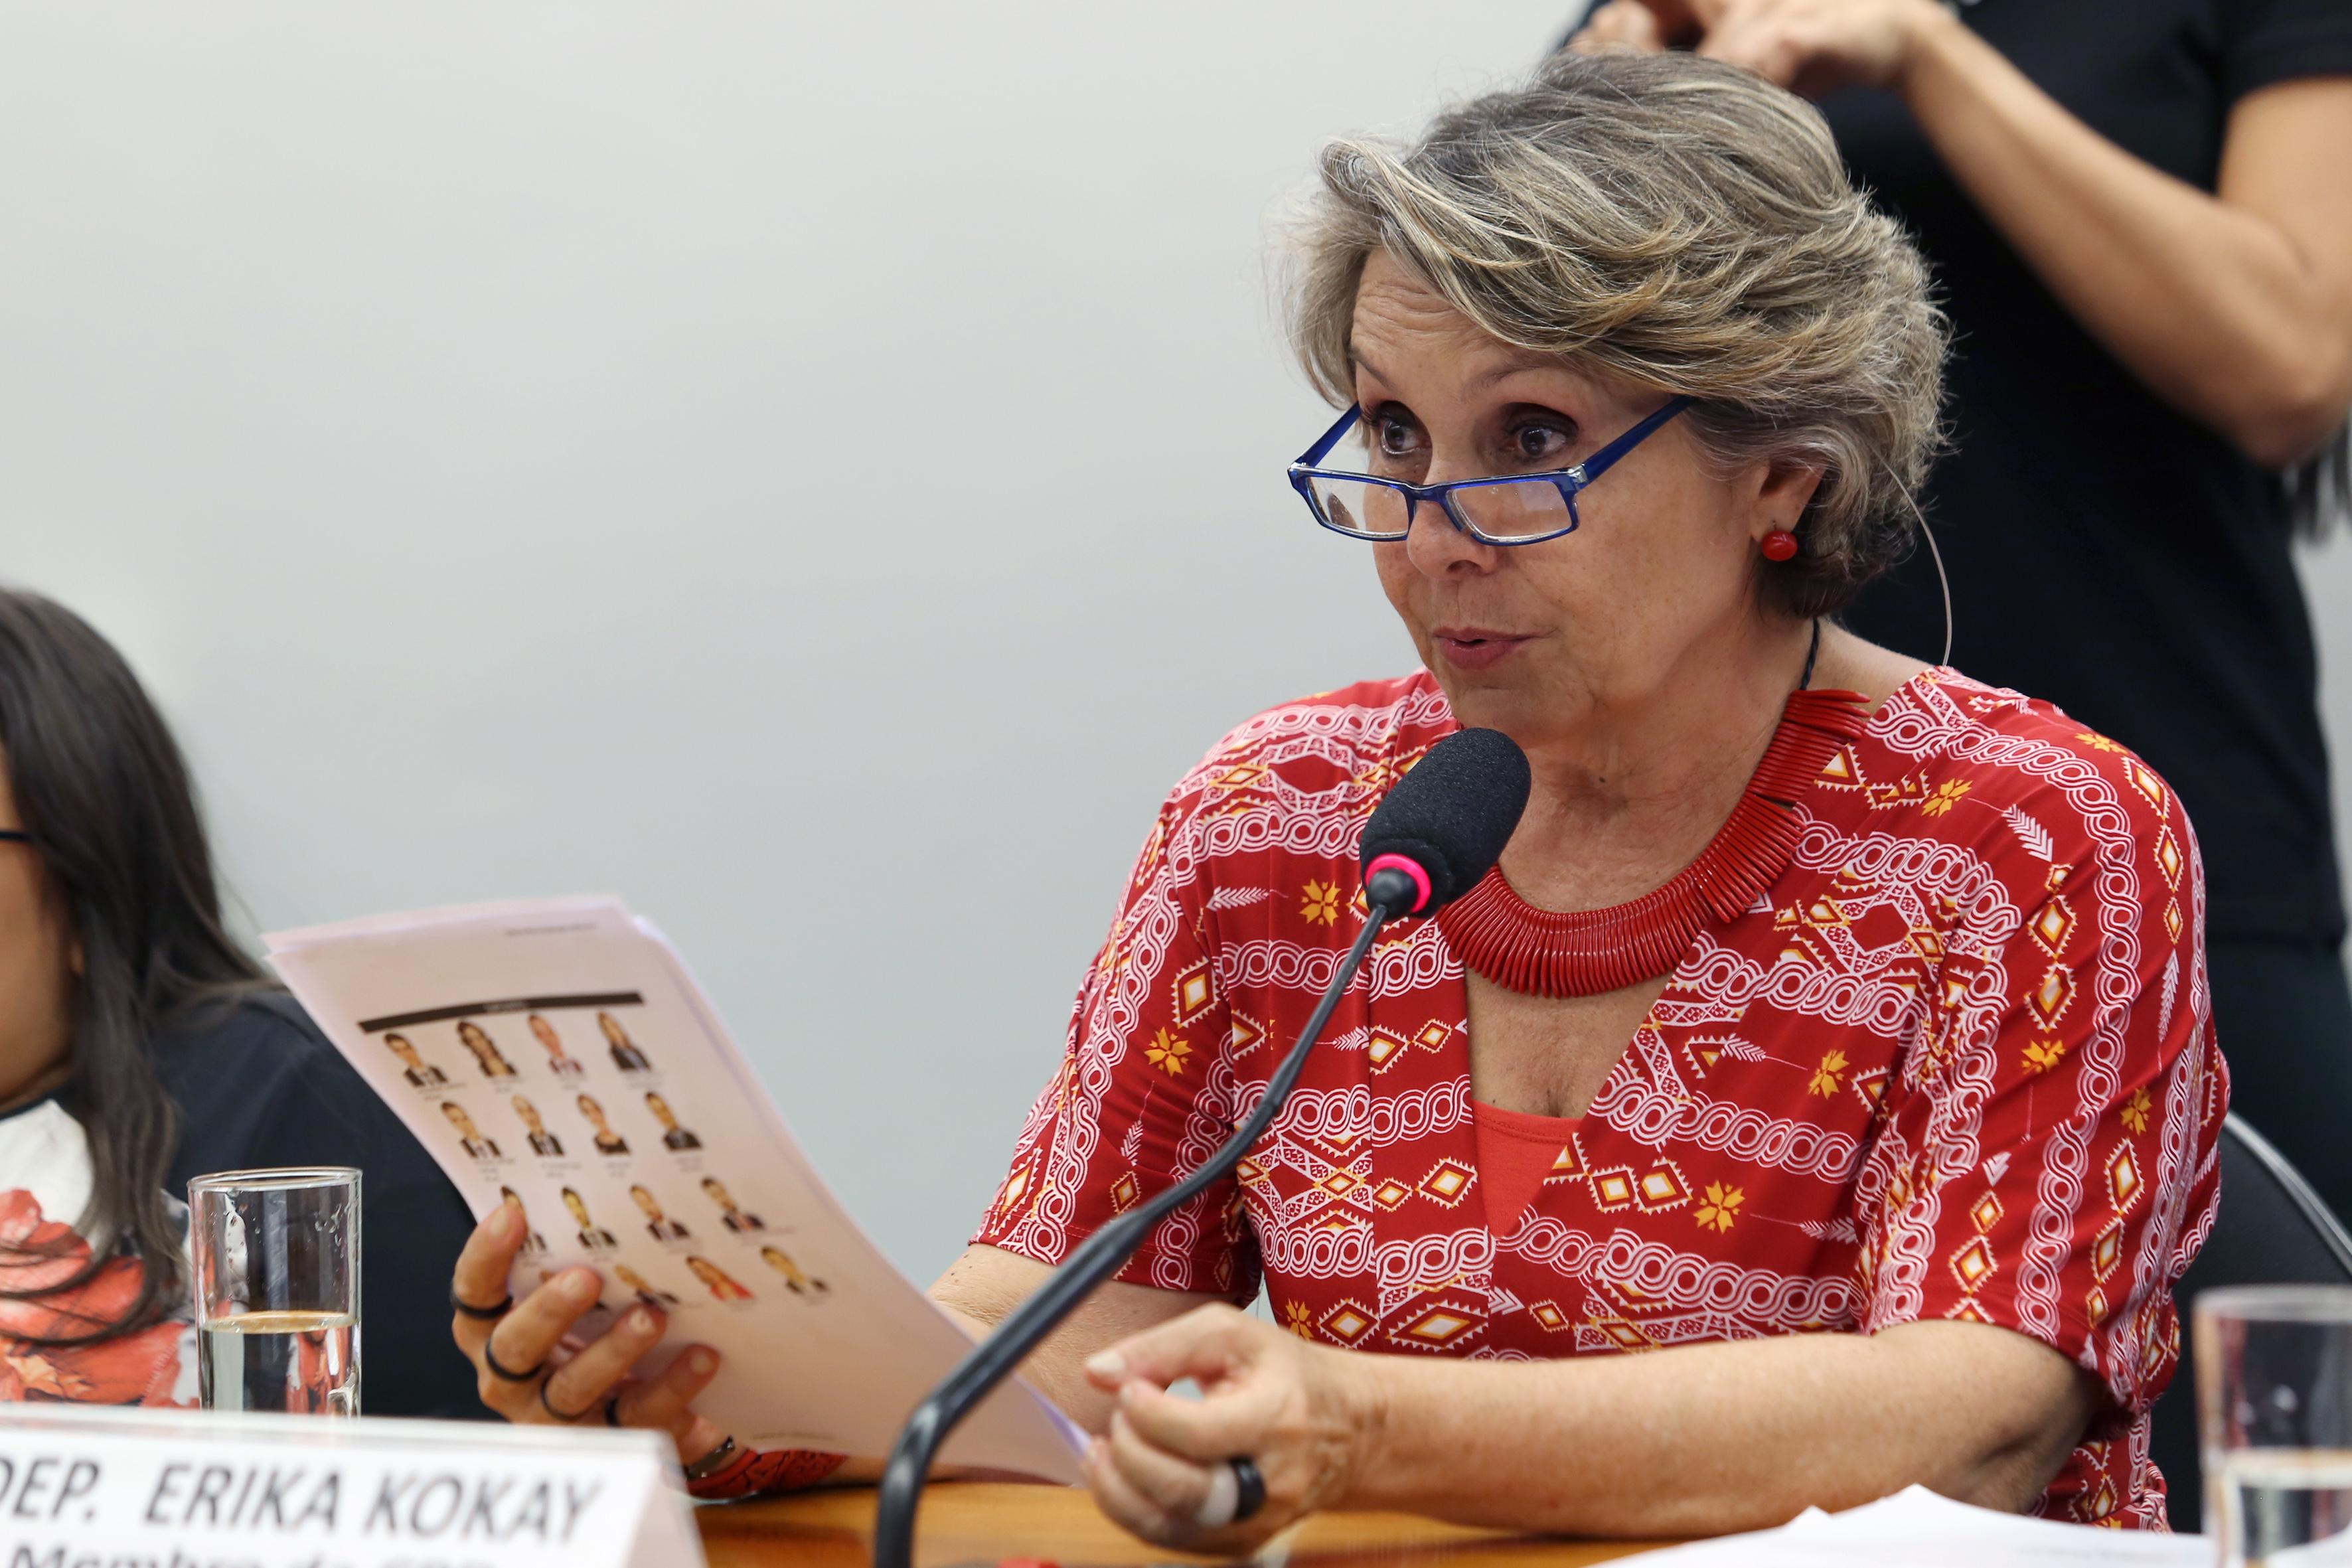 Audiência pública para divulgação da agenda Legislativa das Pessoas com Deficiência. Dep. Erika Kokay (PT-DF)